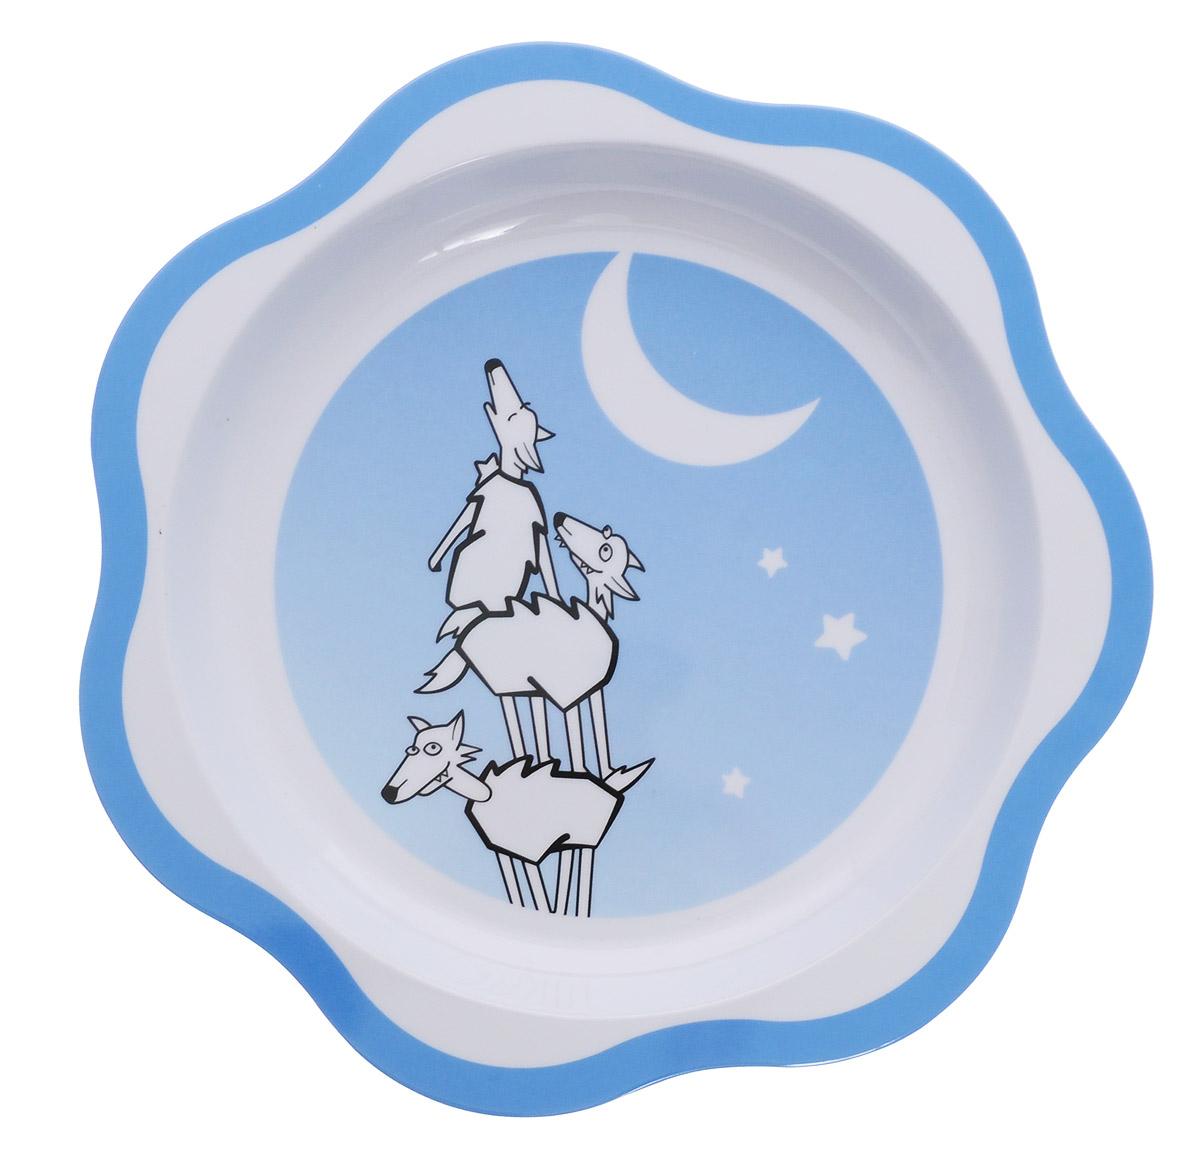 Tescoma Тарелка детская Волк668032Детская тарелка Tescoma Волк изготовлена из безопасного пластика.Тарелочка, оформленная веселой картинкой забавных волков, понравится и малышу, и родителям! Ребенок будет с удовольствием учиться кушать самостоятельно.Тарелочка подходит для горячей и холодной пищи. Можно использовать в посудомоечной машине. Нельзя использовать в микроволновой печи.